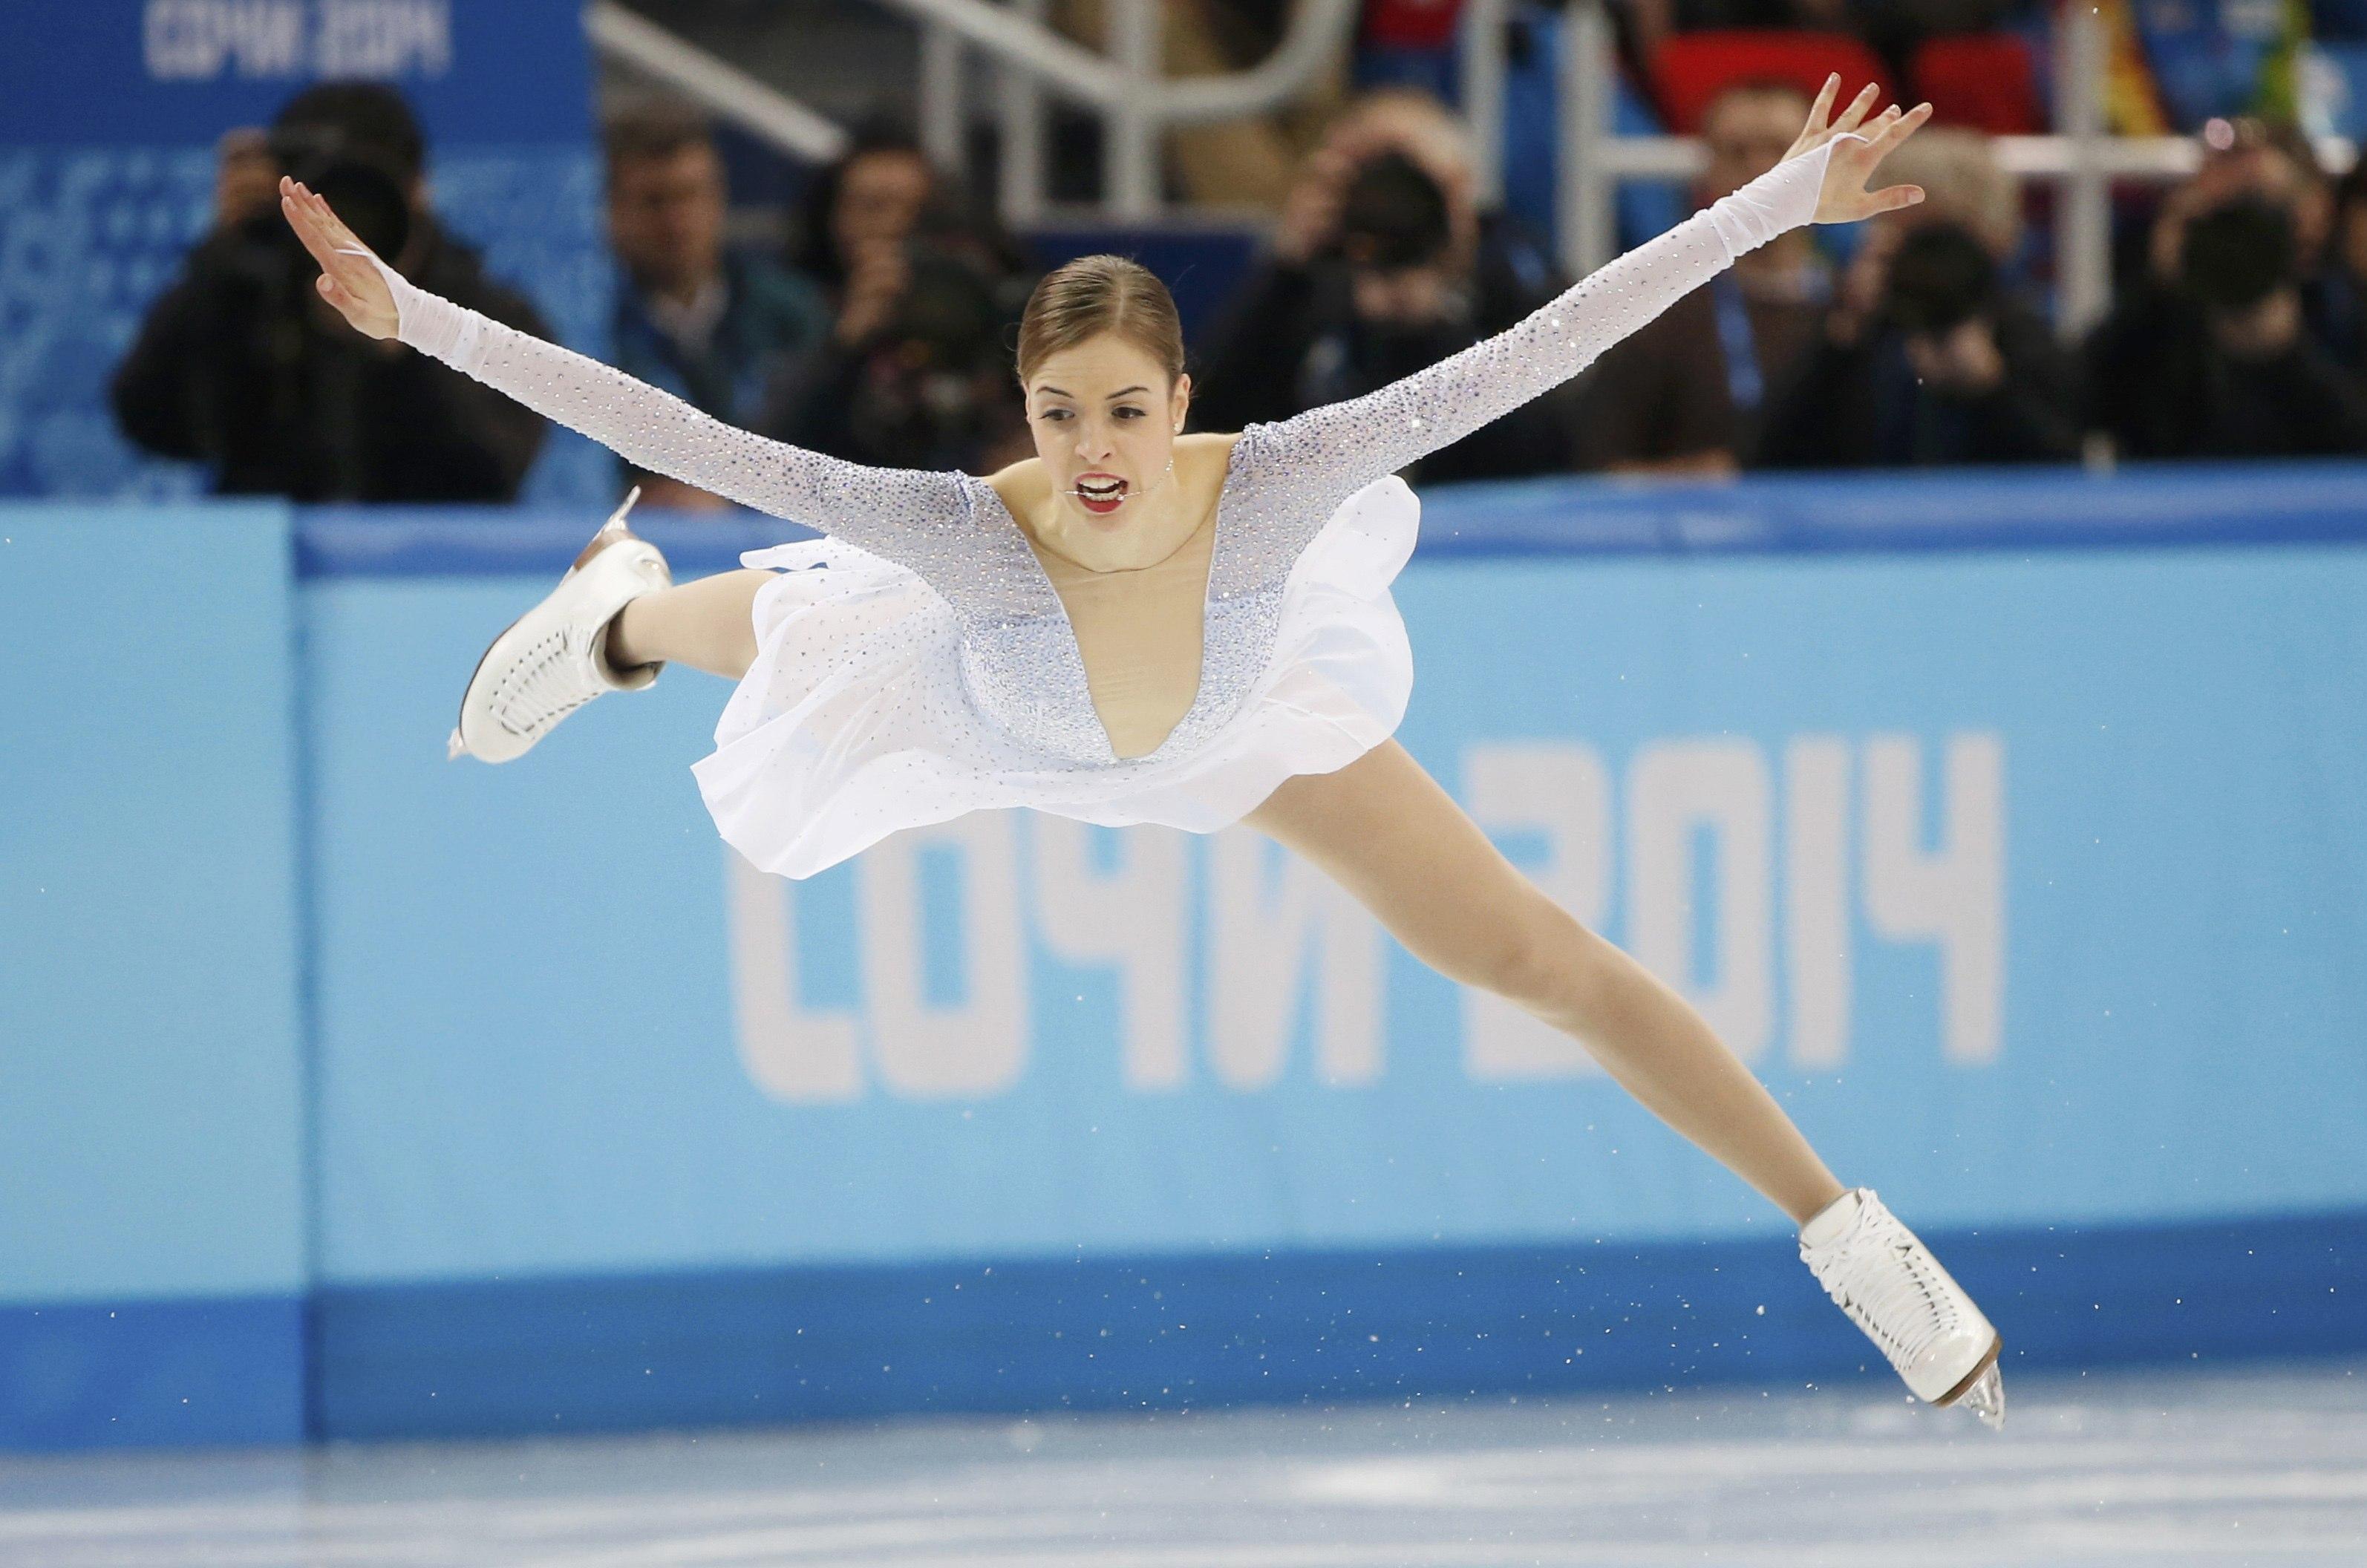 56的高分惊艳夺冠,成为南韩历史上,第一位花式滑冰奥运会冠军.